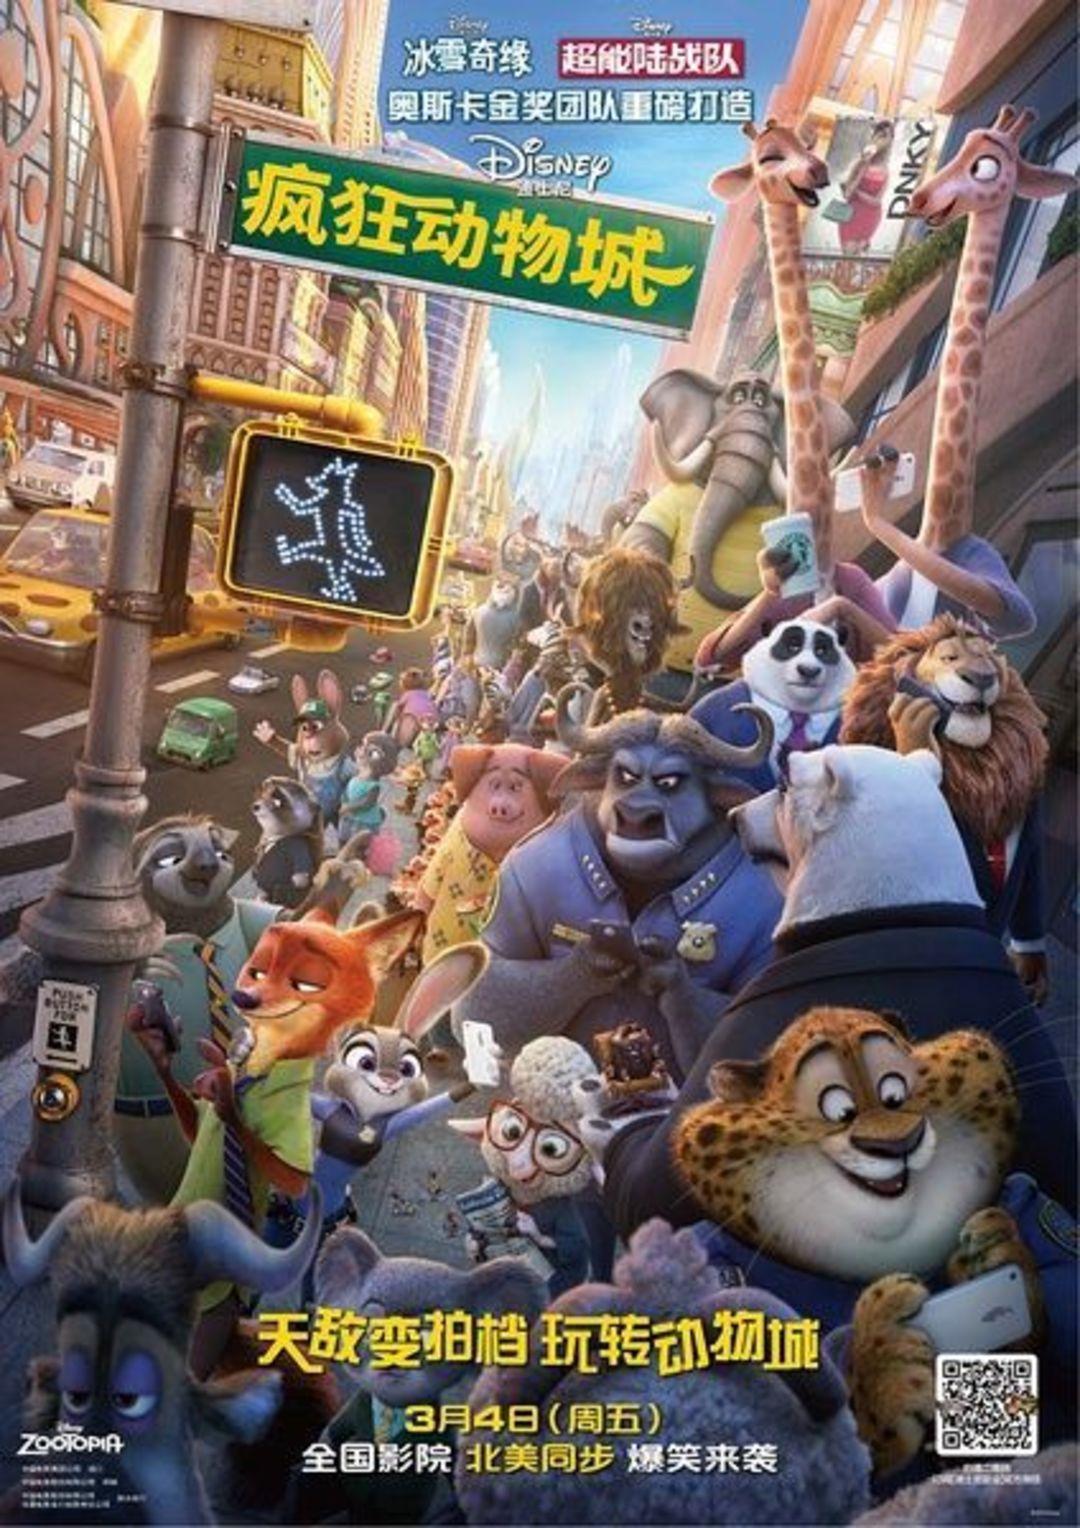 《疯狂动物城》正式海报中国大陆版